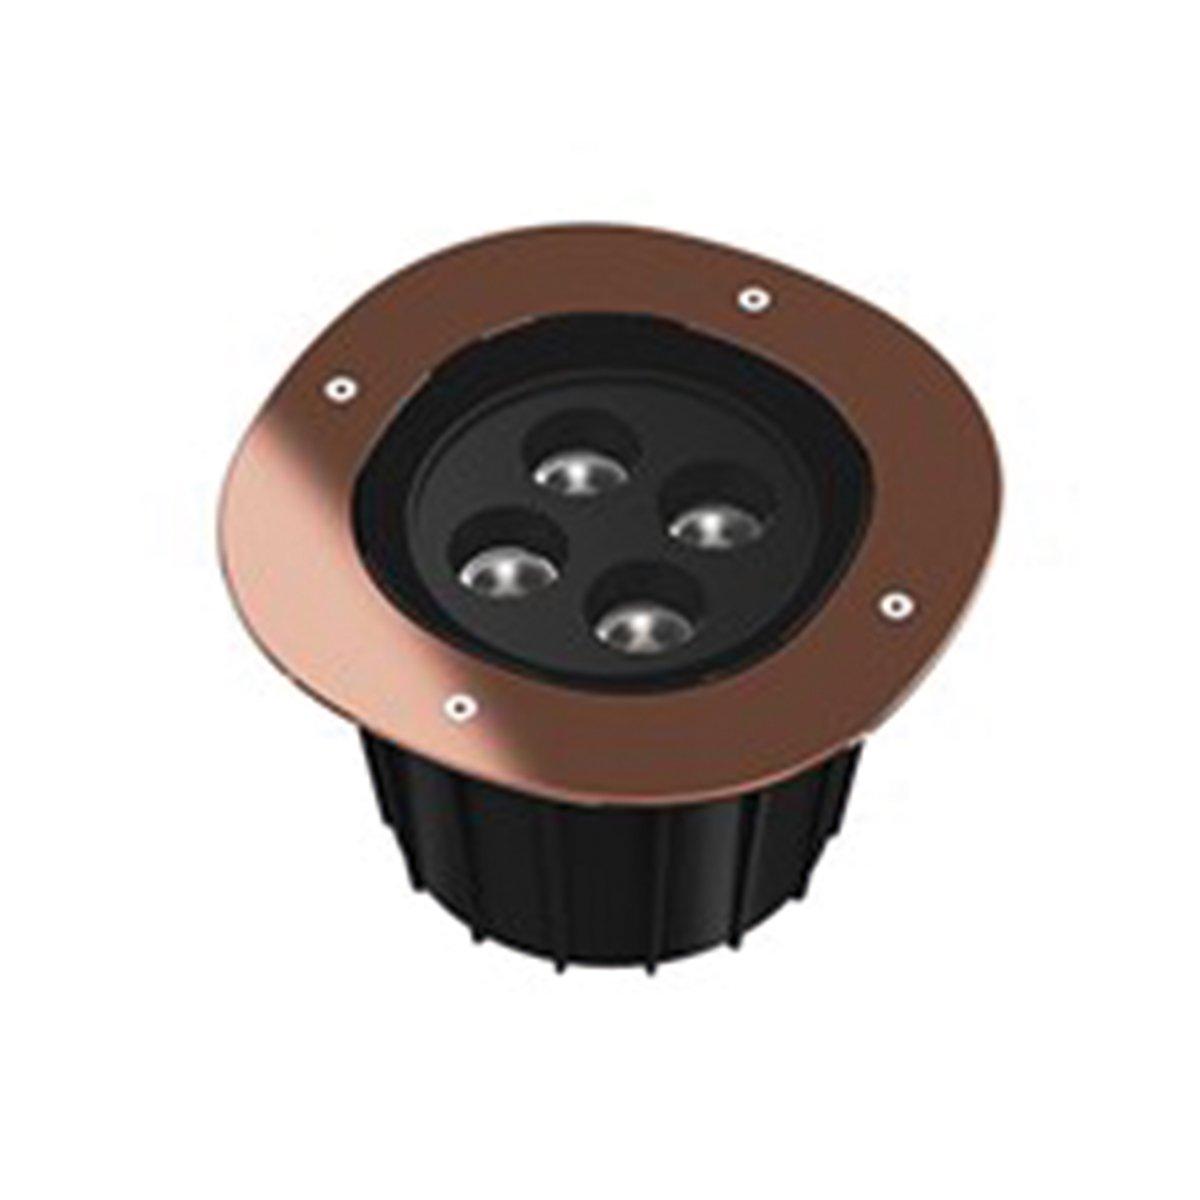 FLOS A-Round 240 Outdoor Vloerlamp - Koper Stralingshoek: 10°